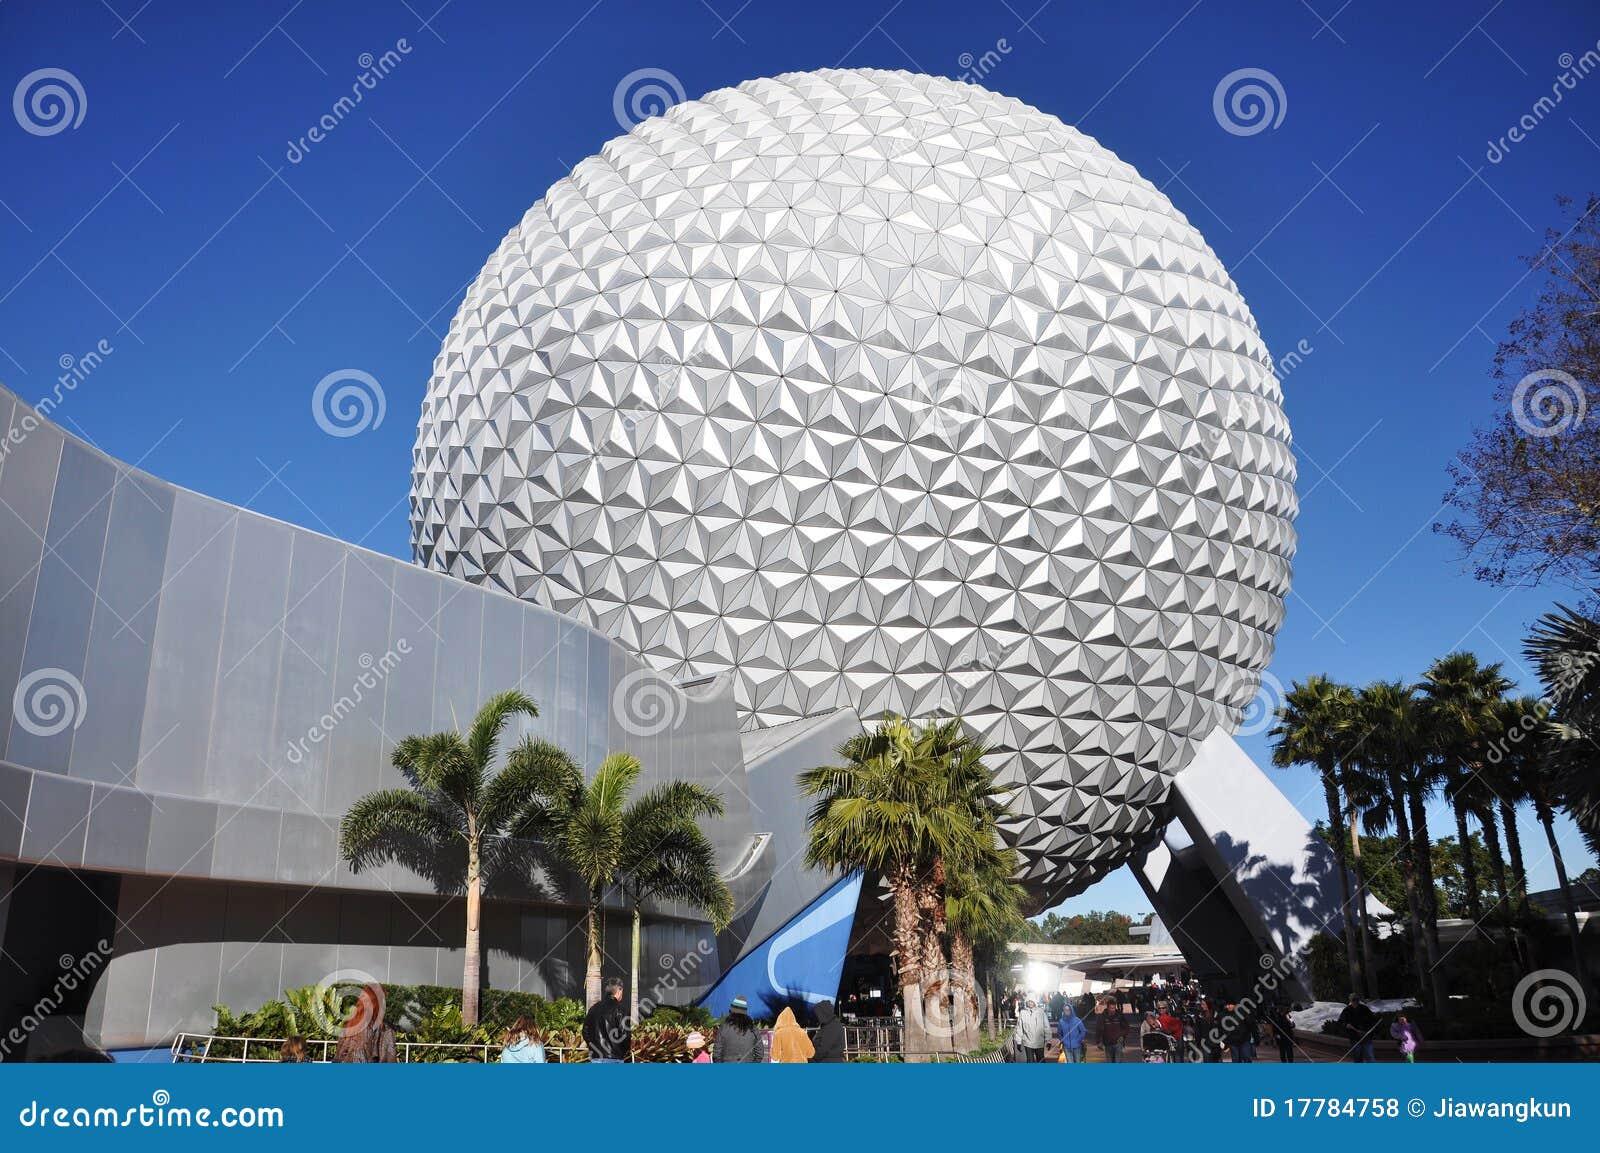 Epcot Center, Disney World Orlando, Florida Editorial Stock Photo ...